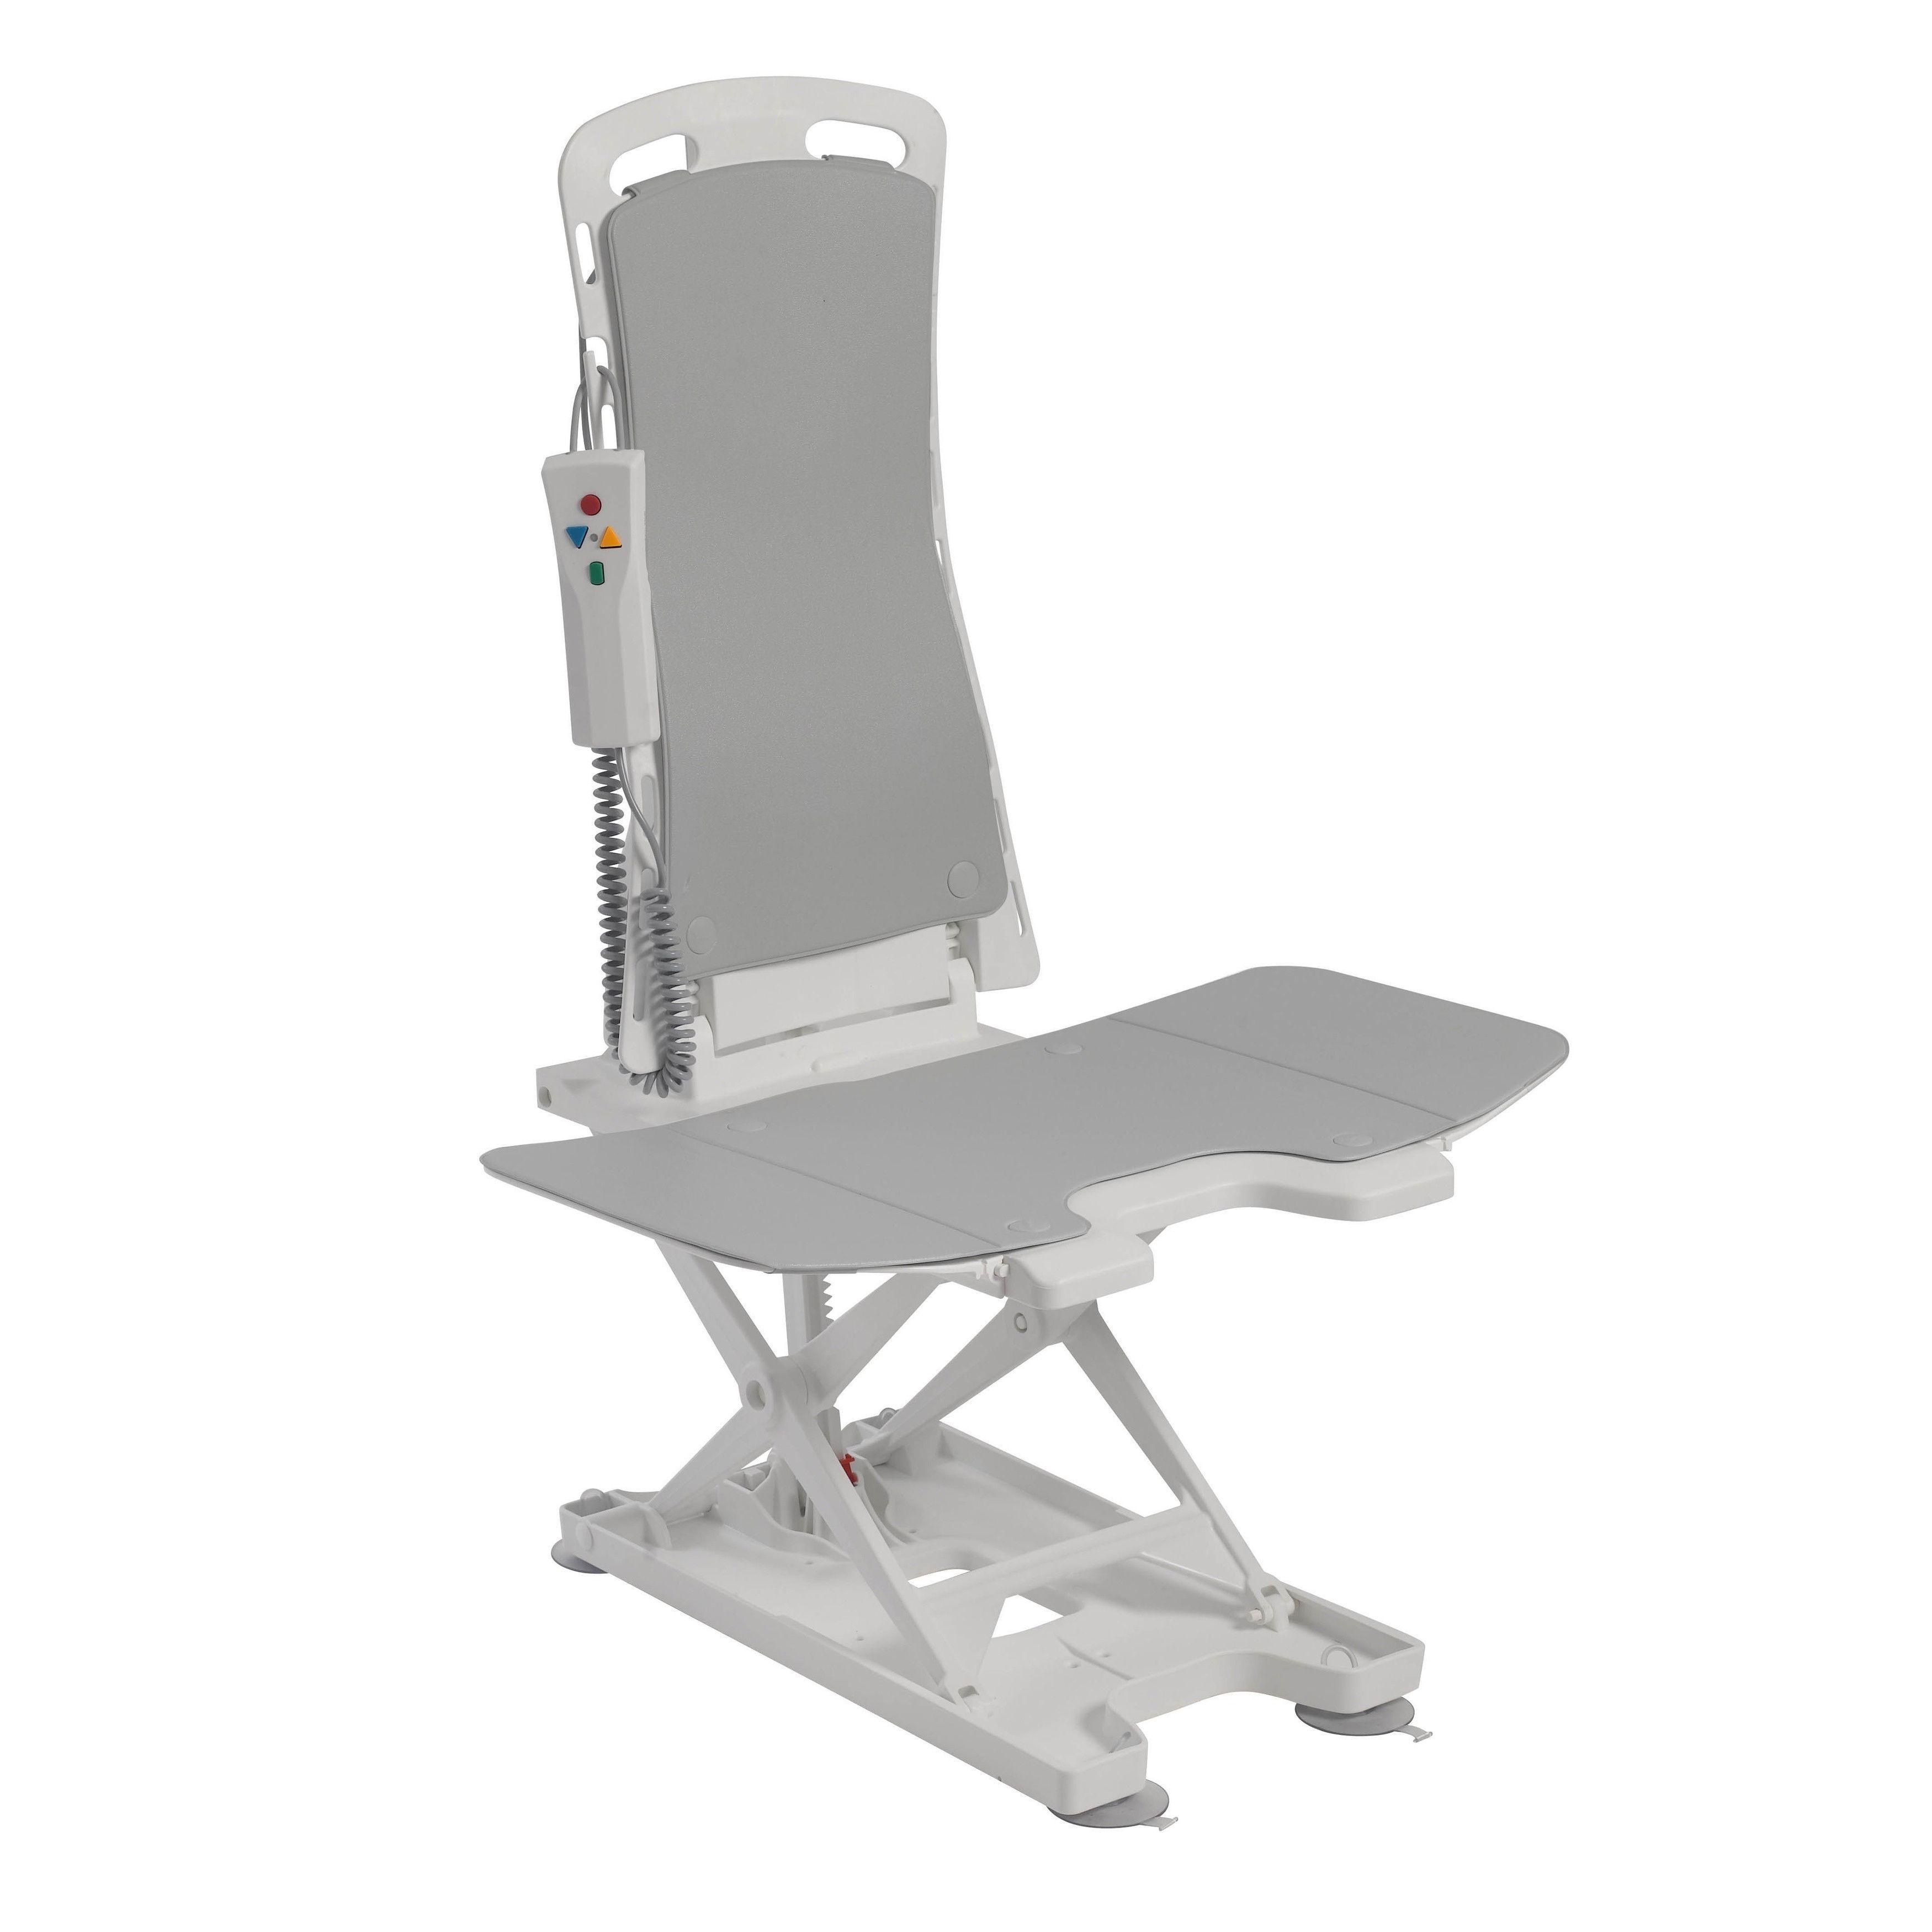 Drive Medical Bellavita Auto Bath Tub Chair Seat Lift, White | Tub ...